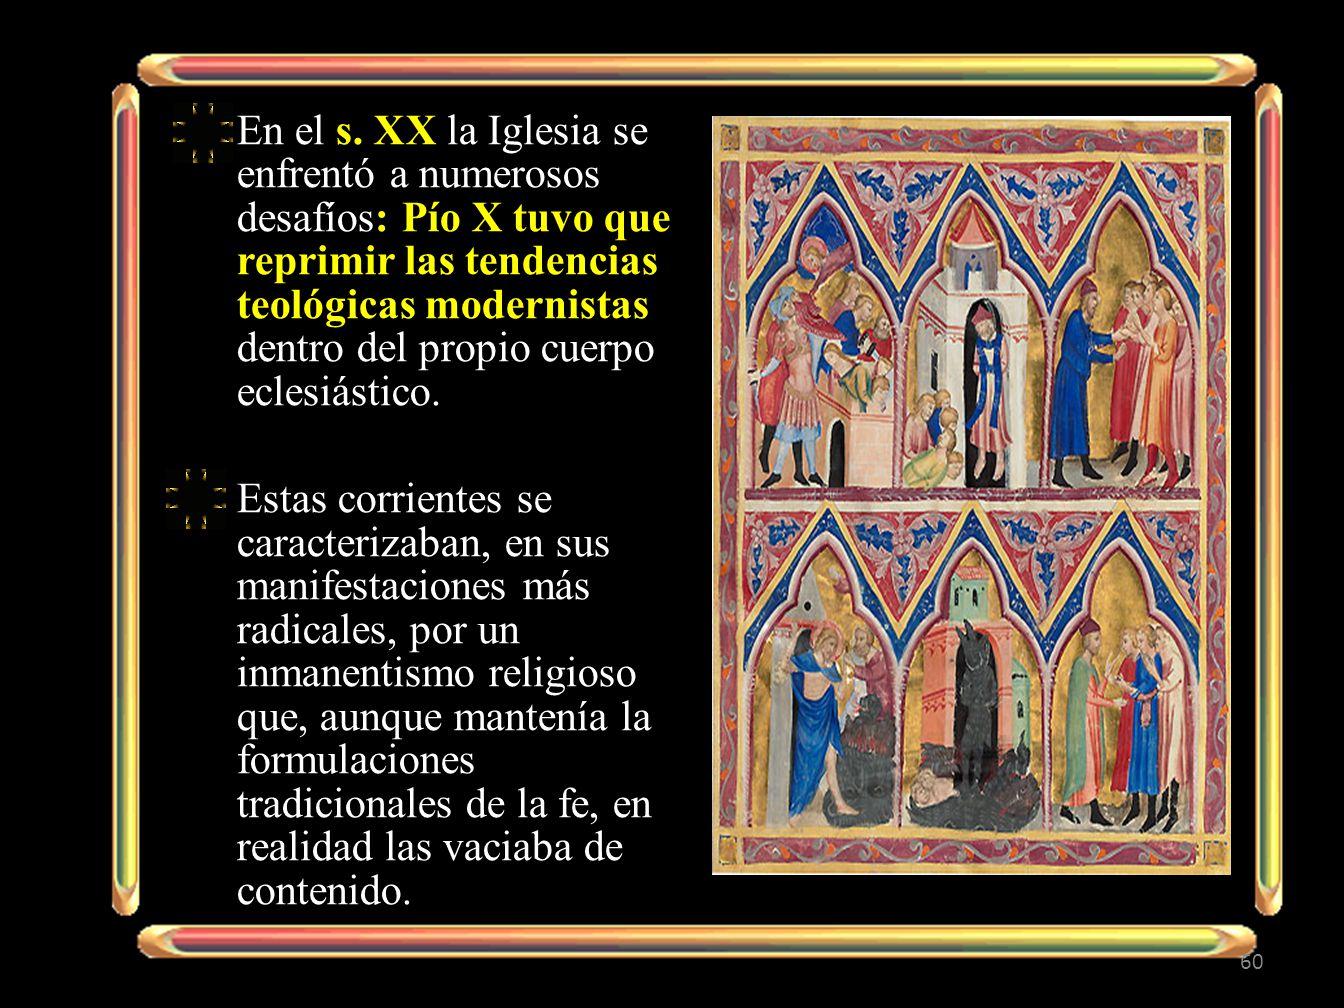 En el s. XX la Iglesia se enfrentó a numerosos desafíos: Pío X tuvo que reprimir las tendencias teológicas modernistas dentro del propio cuerpo eclesi